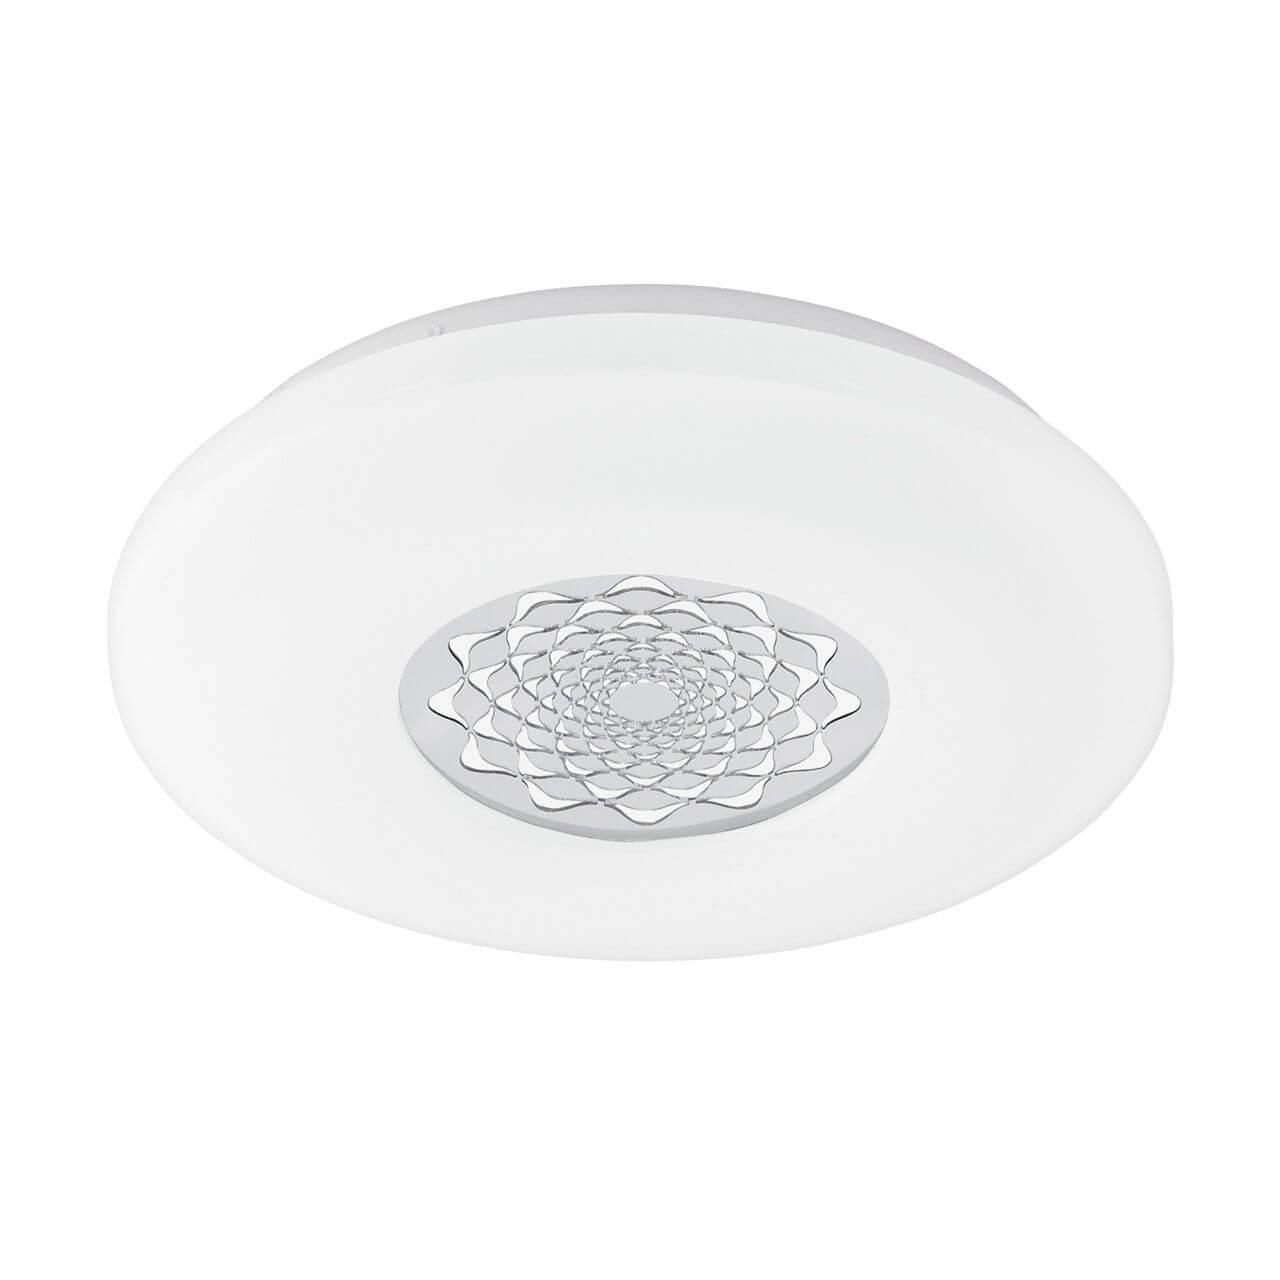 Потолочный светильник Eglo 96025, белый eglo 95175